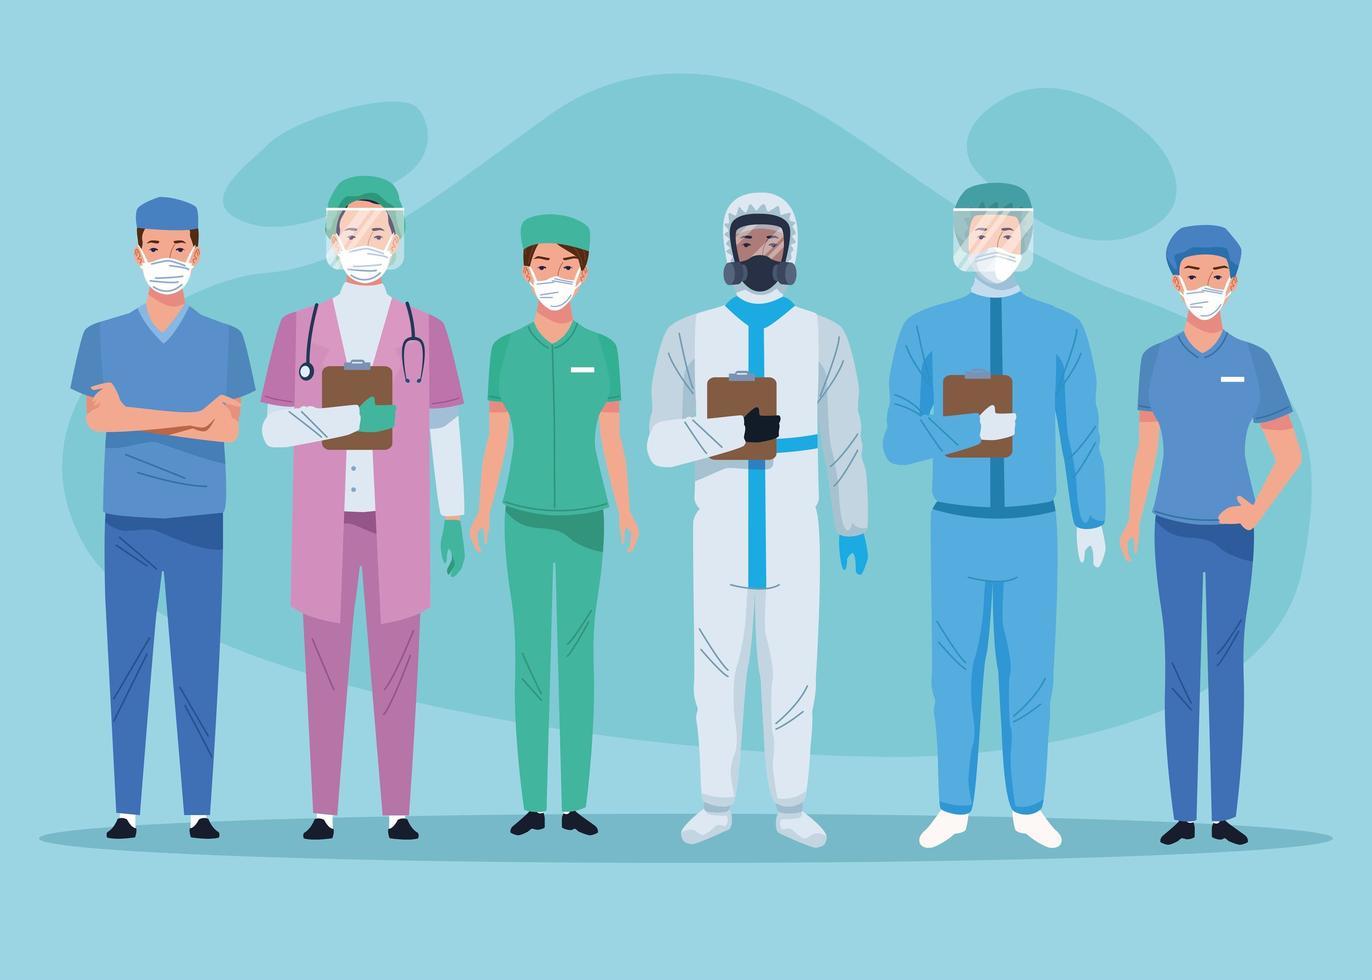 personaggi di operatori sanitari personale medico vettore